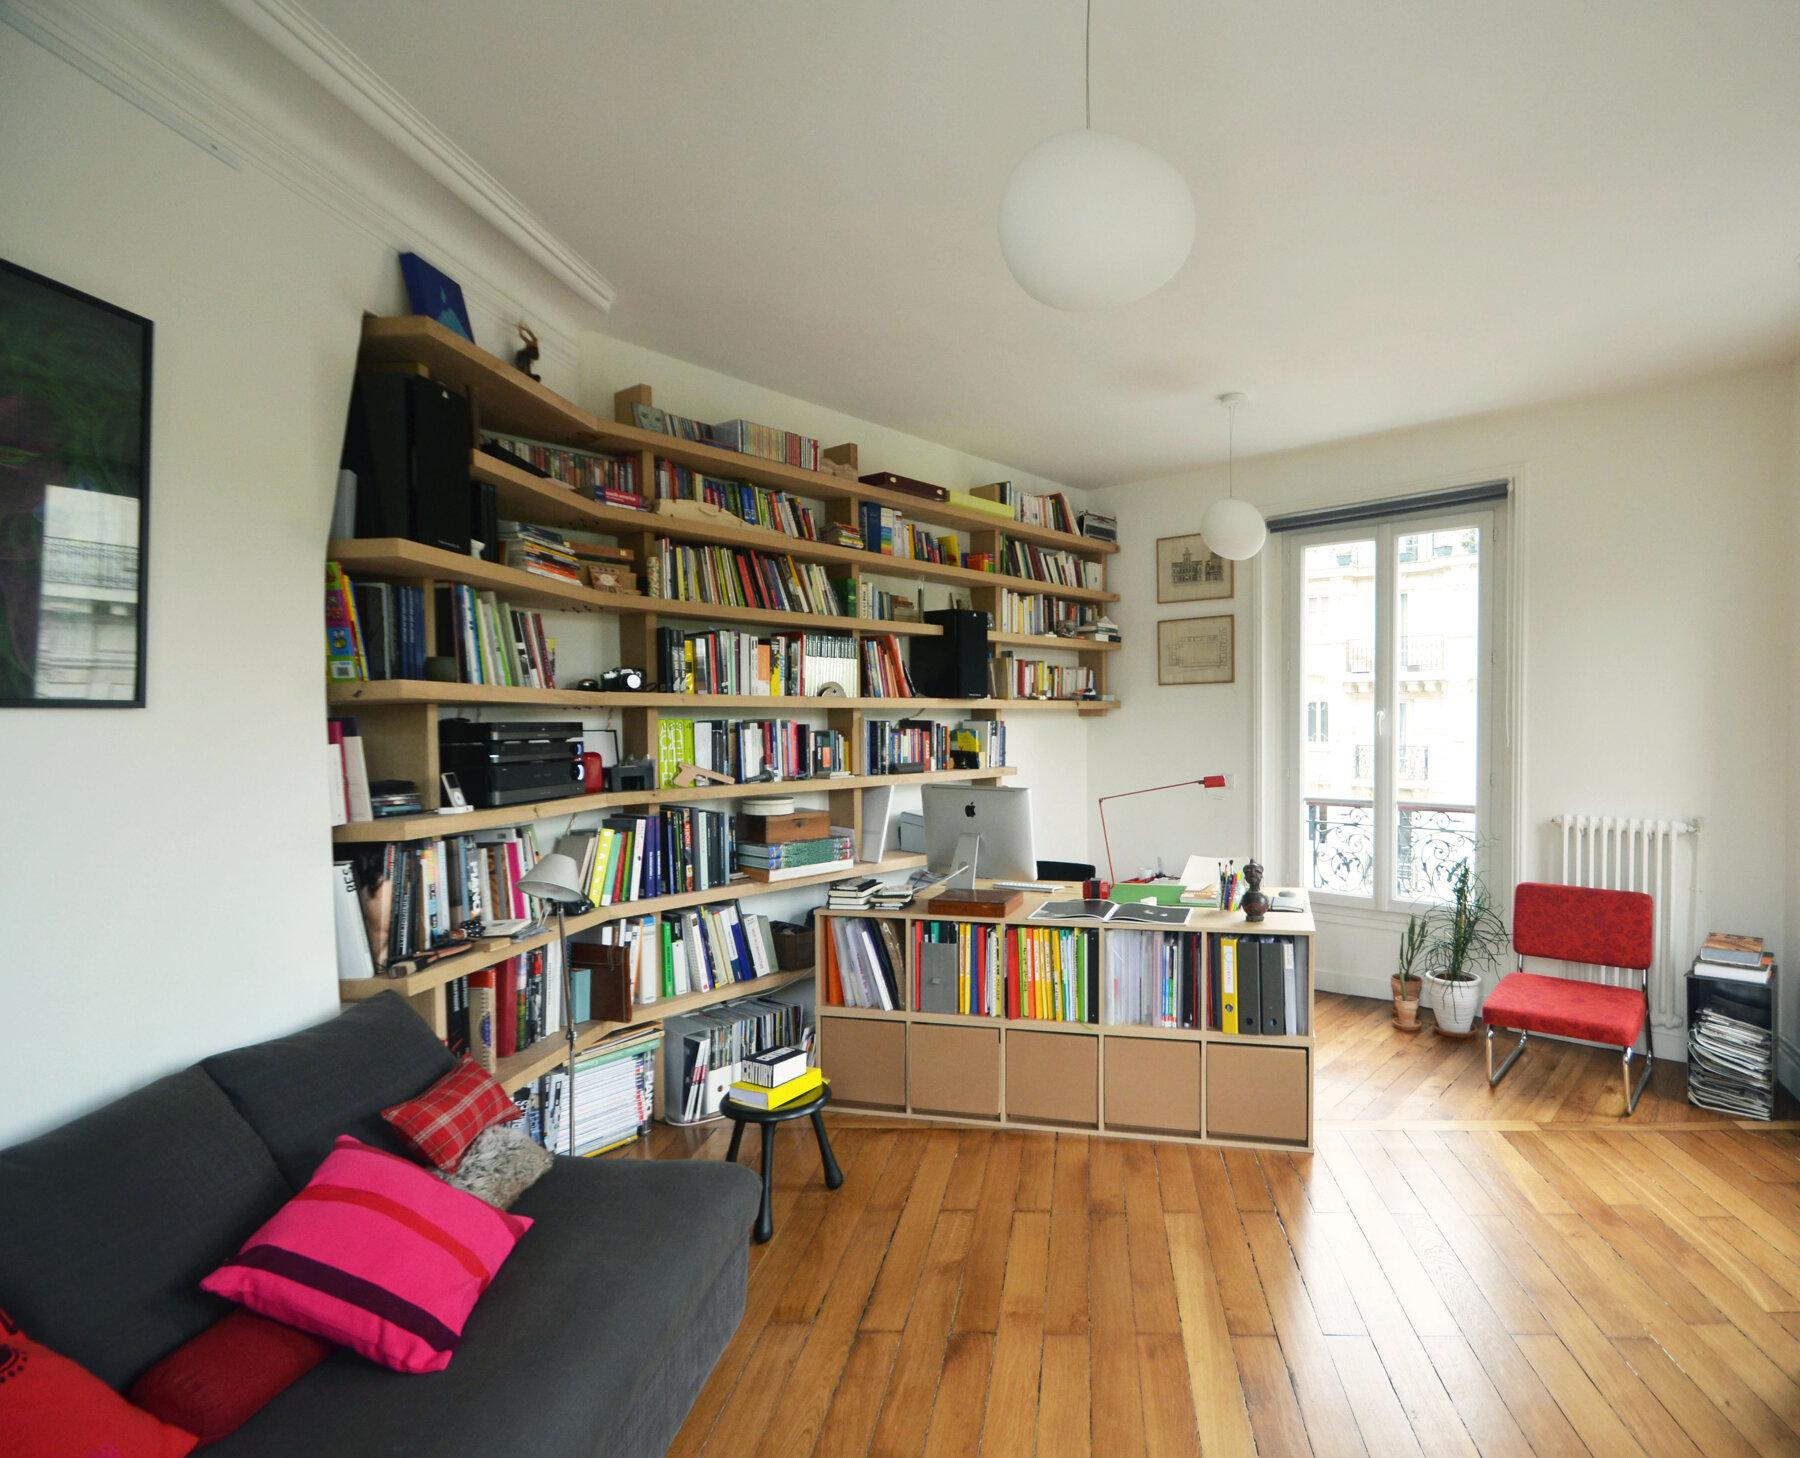 Réaménagement intérieur - Appartement par un architecte Archidvisor